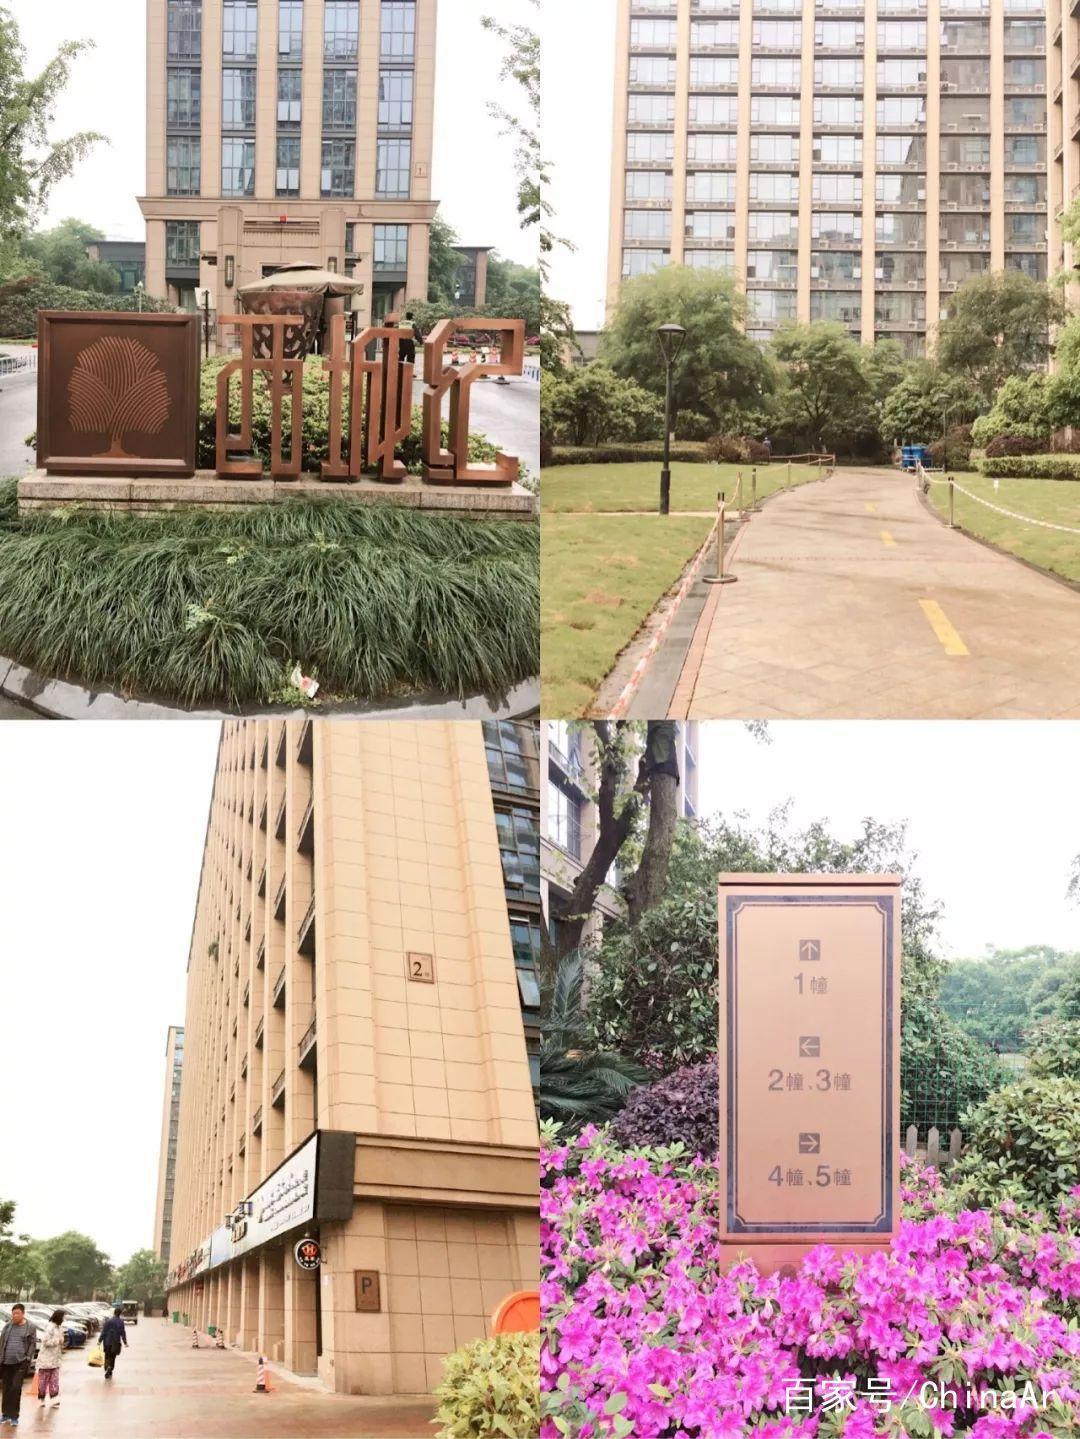 杭州网红民宿   90%年轻人不知道的摄影轰趴体验 推荐 第11张